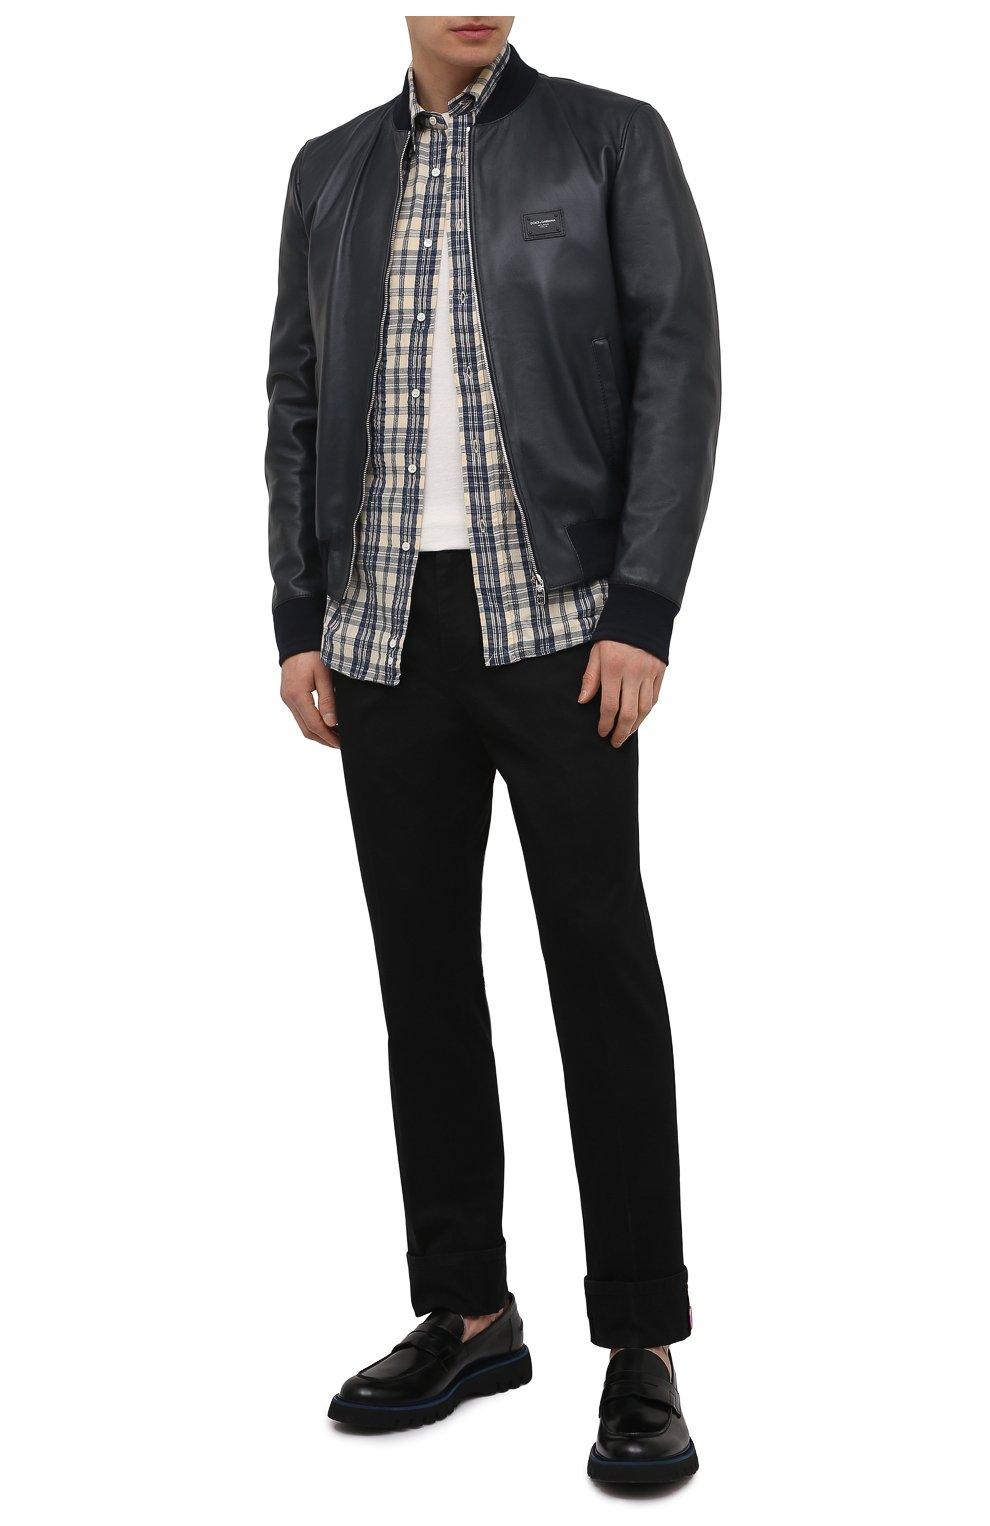 Мужской кожаный бомбер DOLCE & GABBANA синего цвета, арт. G9PB9L/FUL89   Фото 2 (Кросс-КТ: Куртка; Рукава: Длинные; Принт: Без принта; Мужское Кросс-КТ: Кожа и замша; Длина (верхняя одежда): Короткие; Материал подклада: Вискоза; Стили: Кэжуэл)